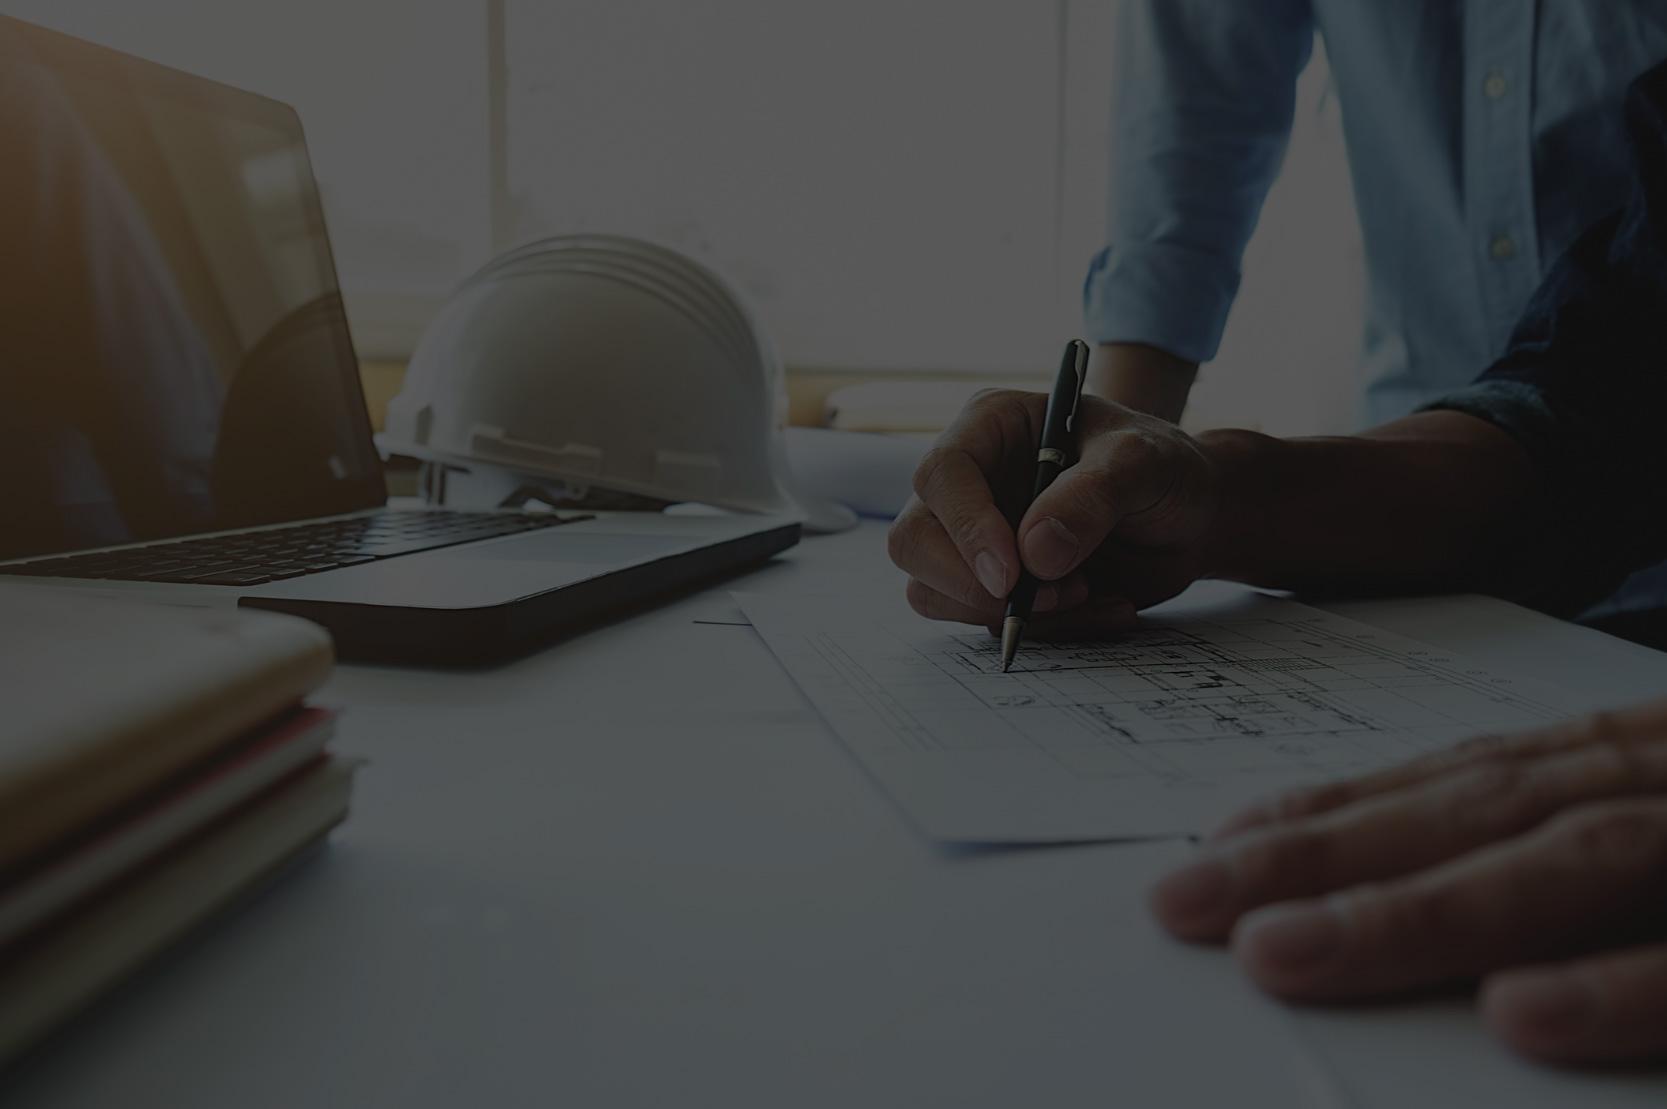 Engineering - Vi tilbyr engineering, design, fem-analyse og produktutvikling i en rekke forskjellige materialer.